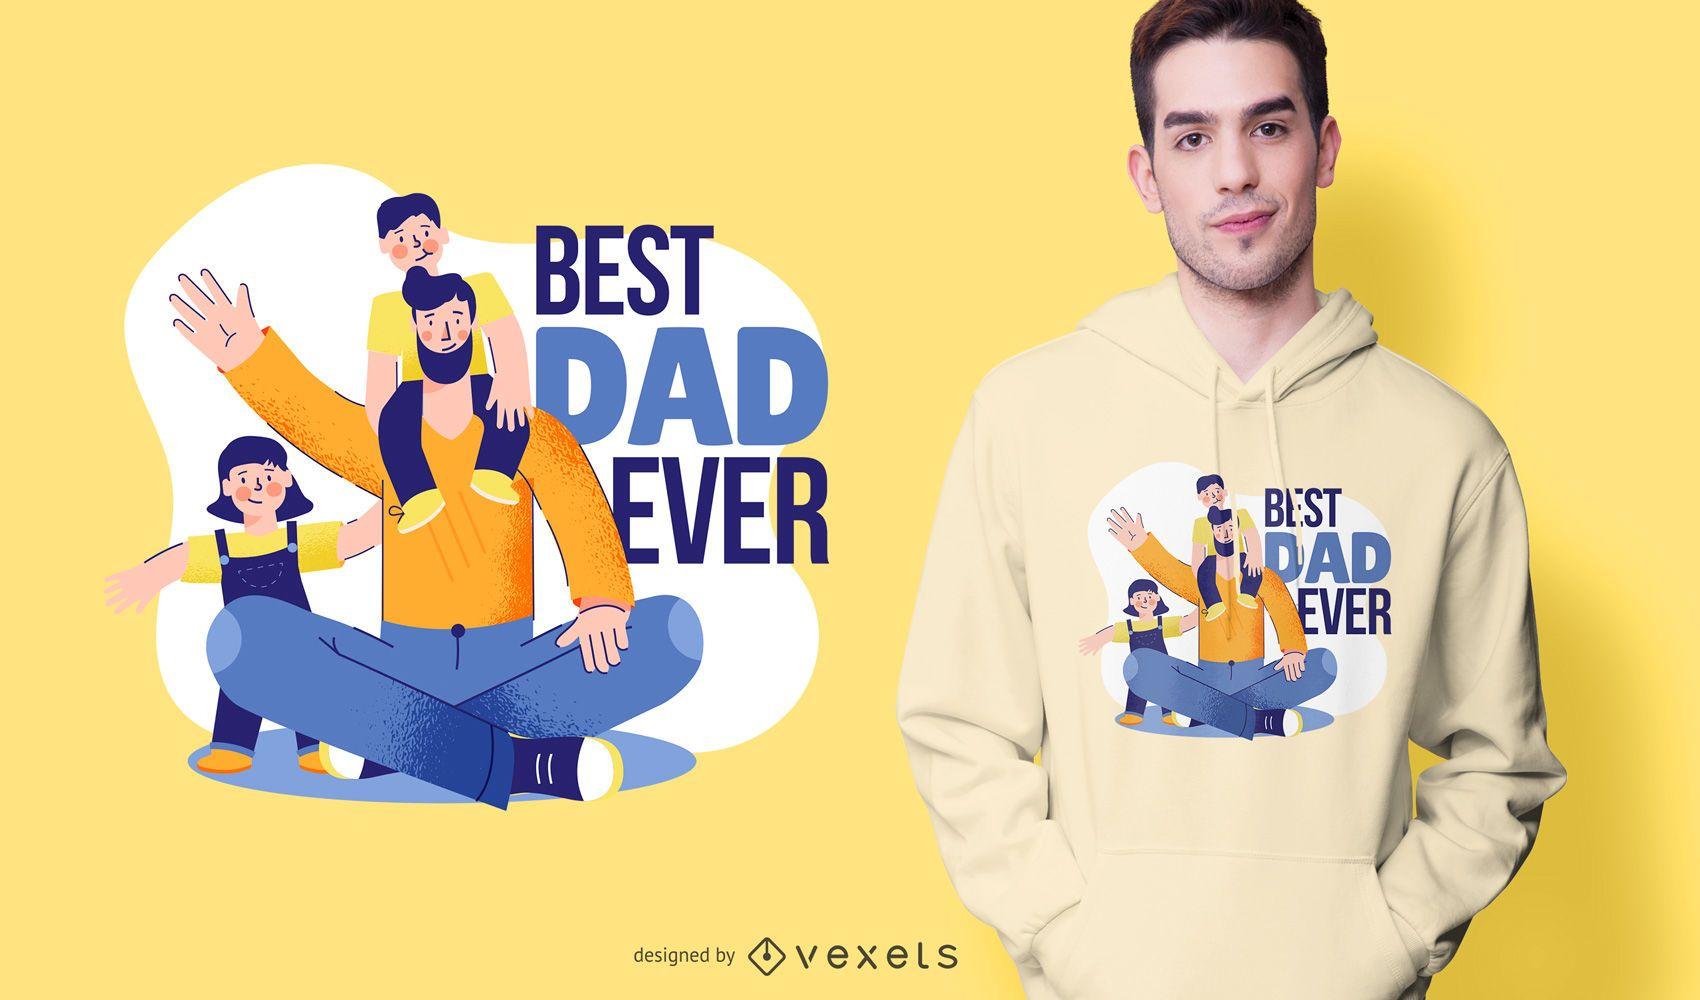 Best Dad Ever Cartoon T-shirt Design